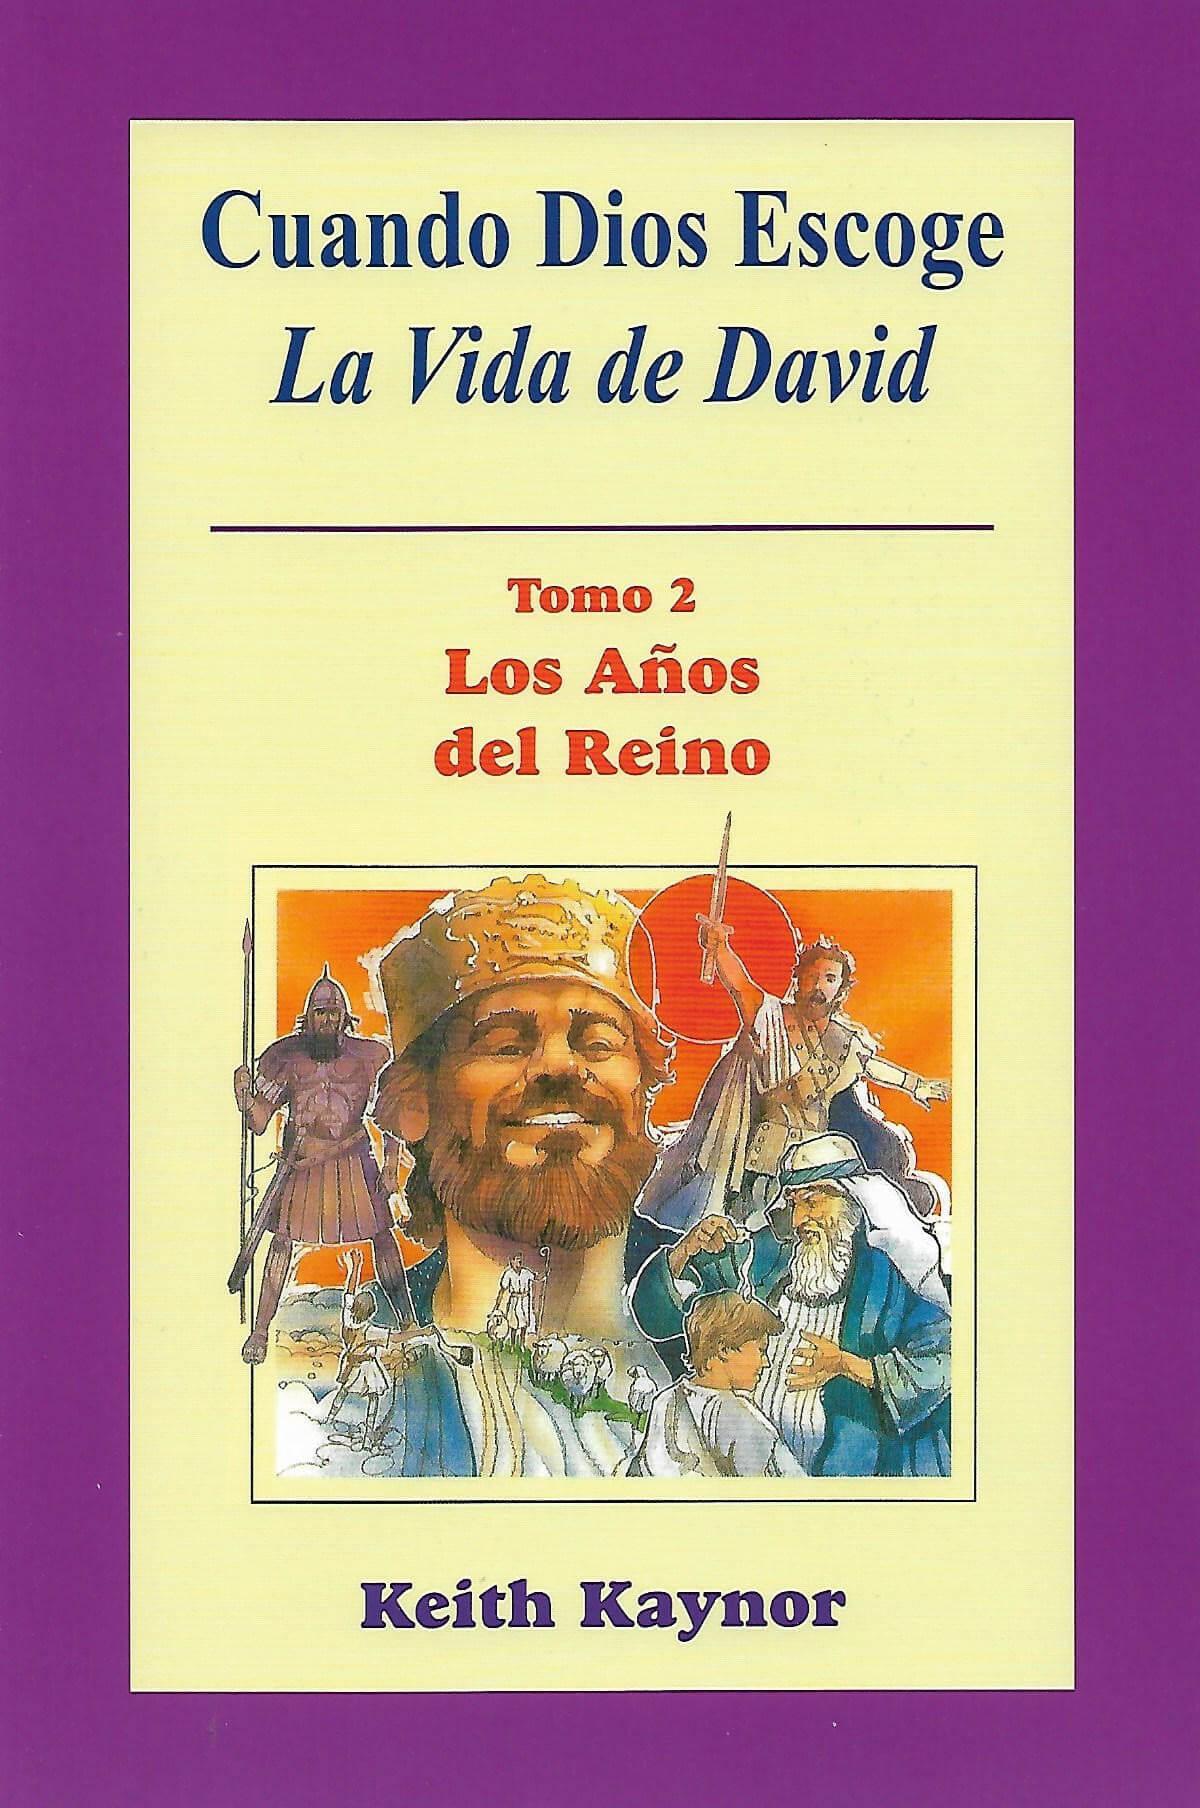 CUANDO DIOS ESCOGE LA VIDA DE DAVID - Tomo 2